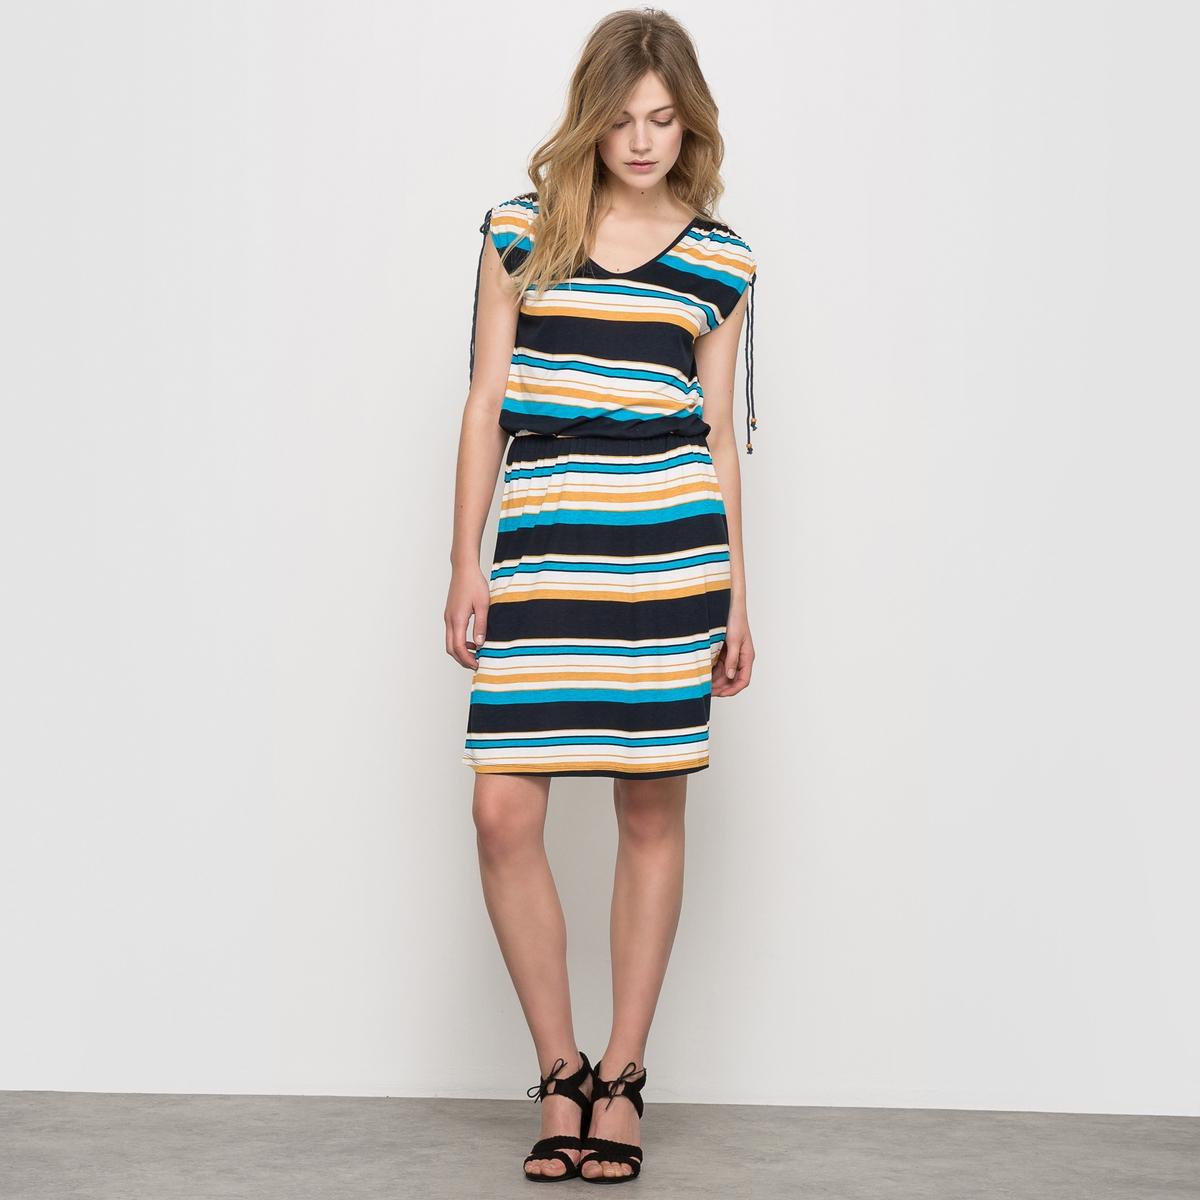 Платье из трикотажаПлатье в полоску V-образный вырез Короткие рукава с регулируемыми завязками  Эластичный пояс Длина: 96 см<br><br>Цвет: в полоску<br>Размер: 50/52 (FR) - 56/58 (RUS)